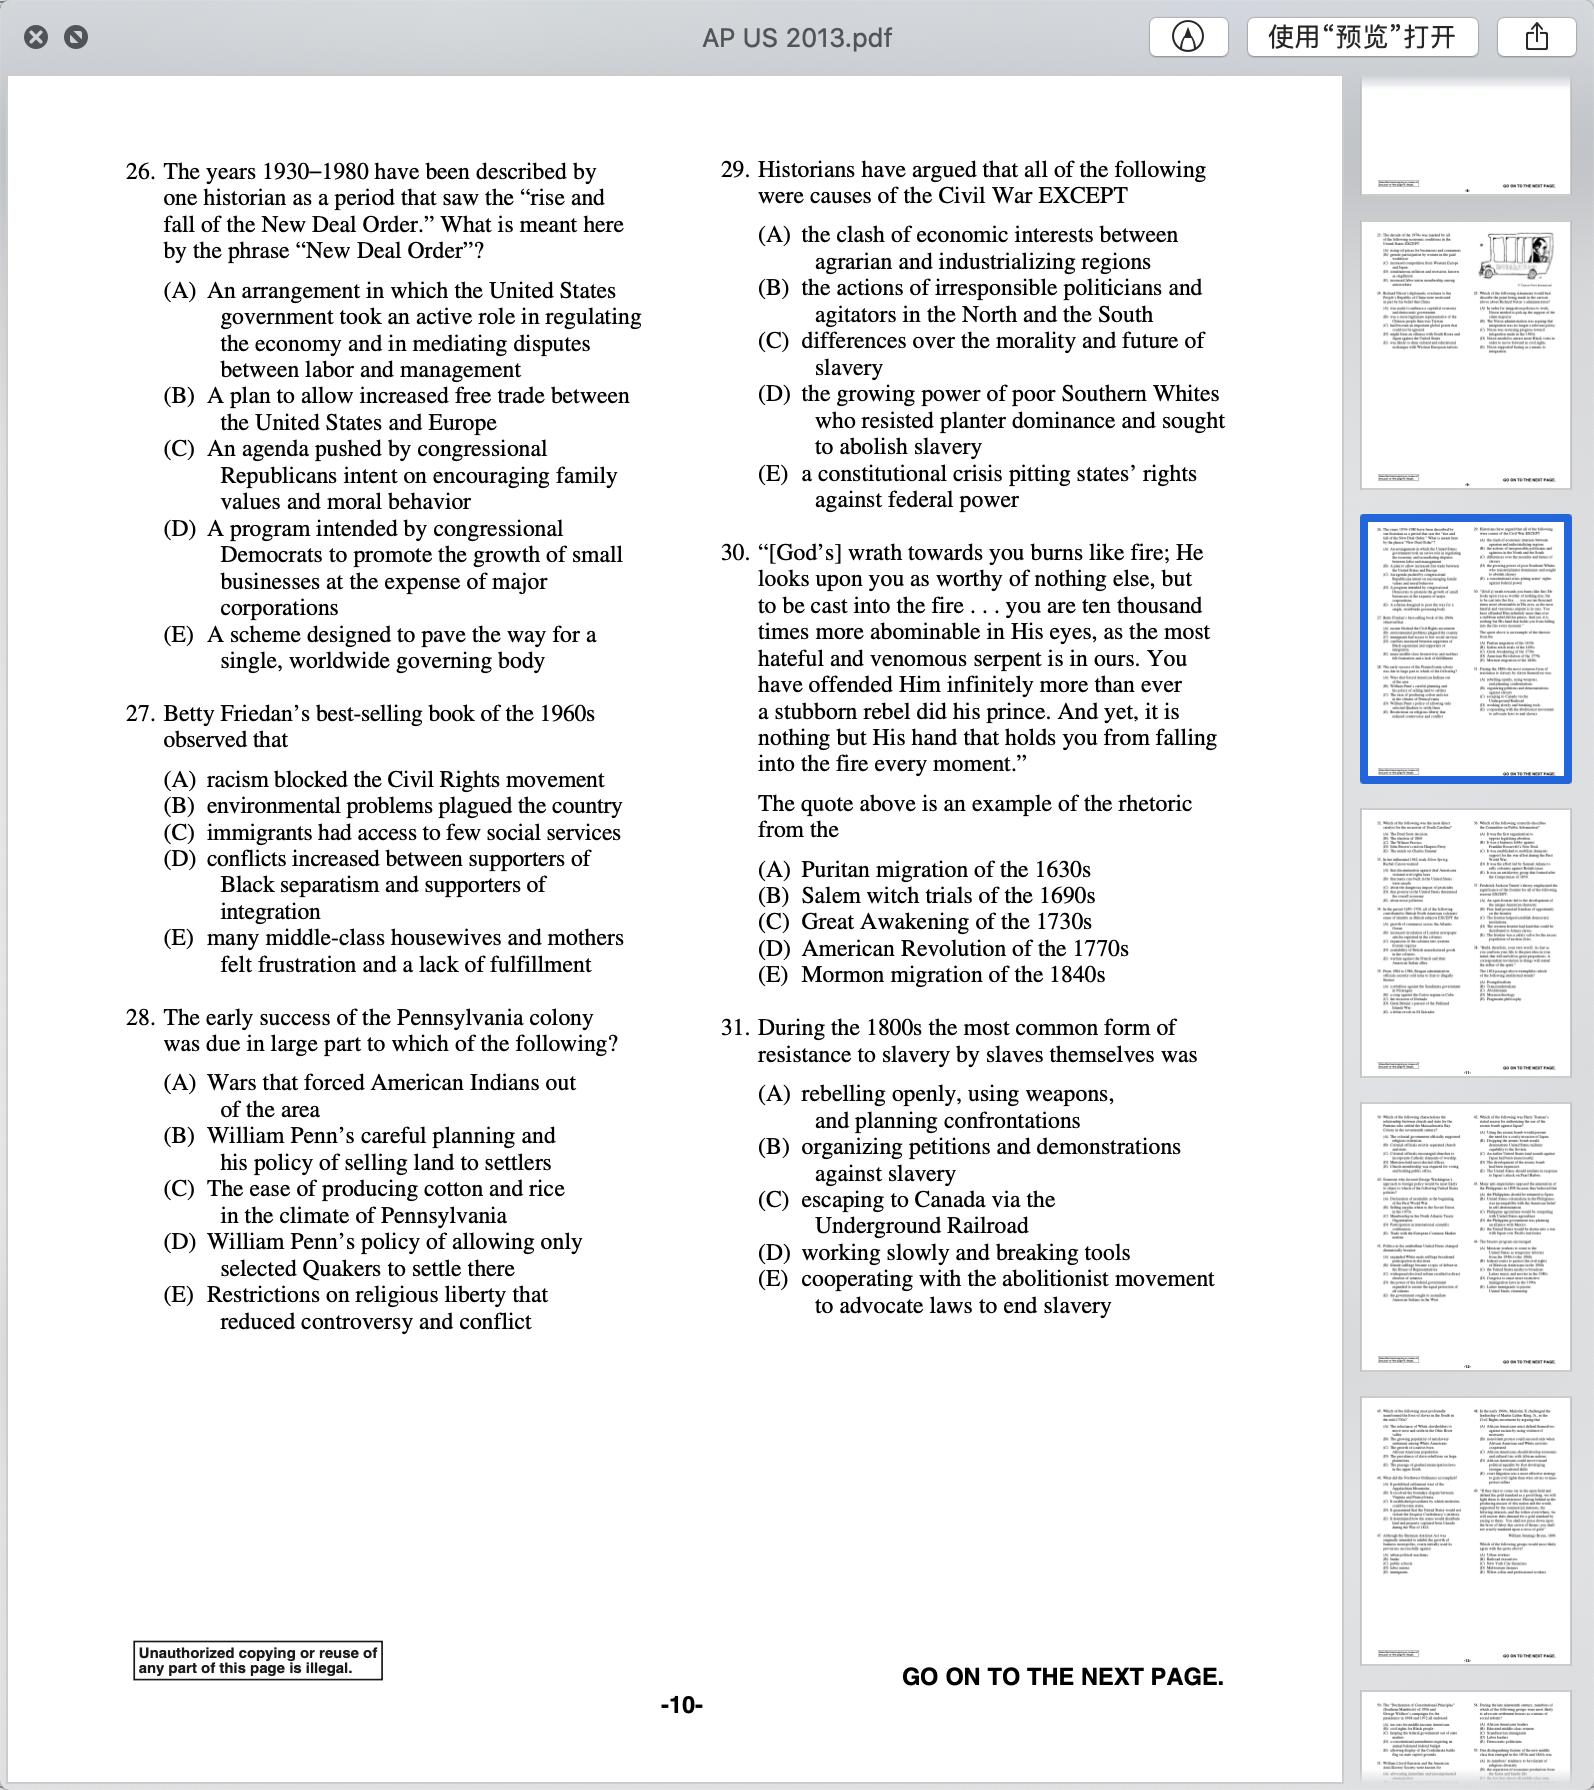 2013年AP美国历史真题下载-选择题下载